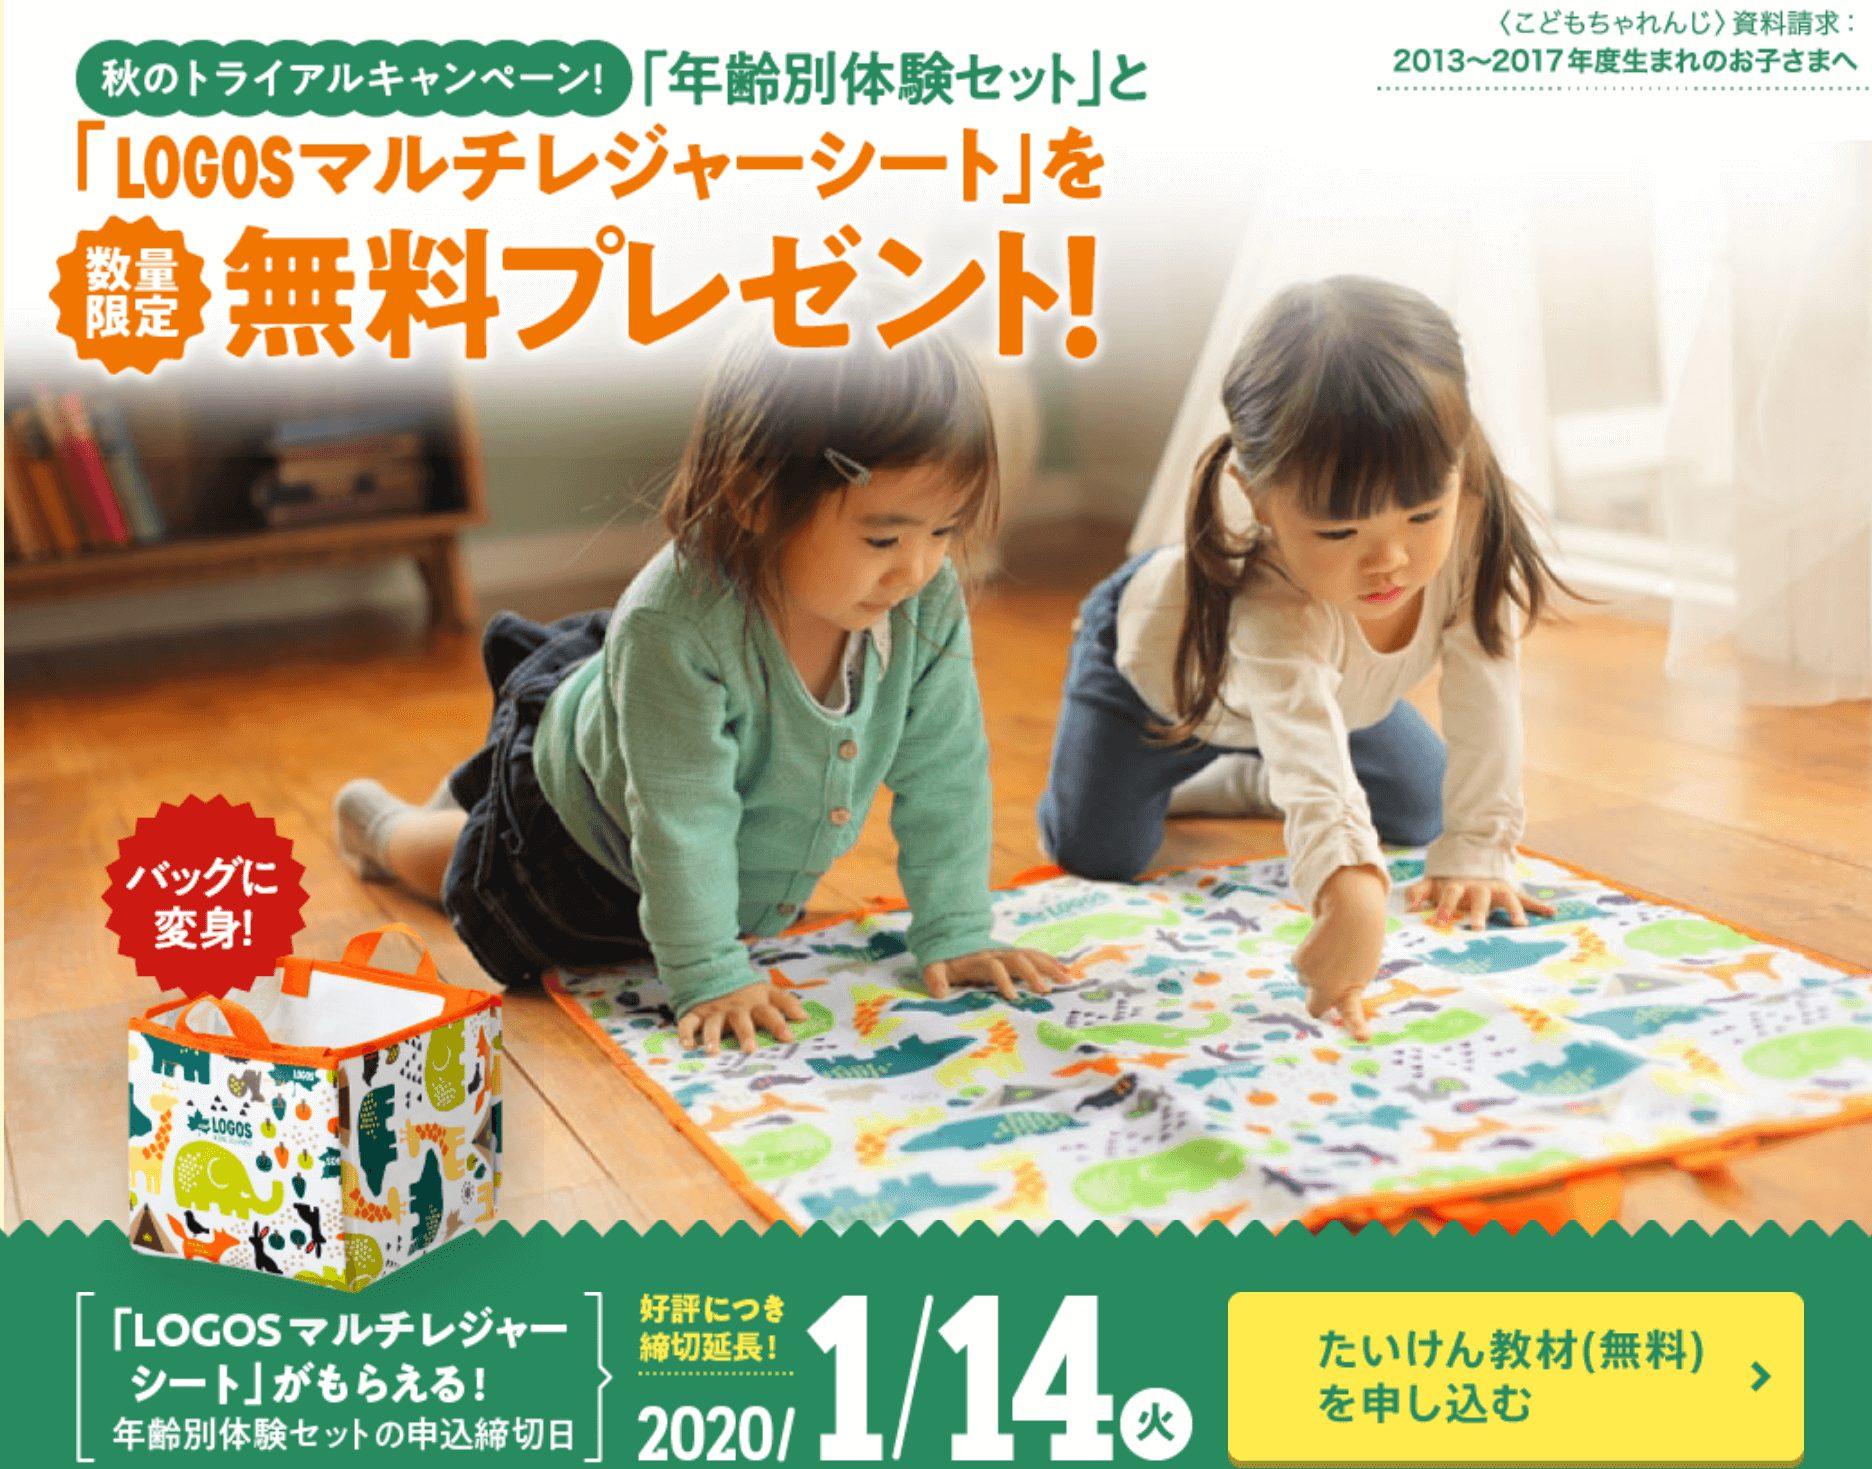 こどもちゃれんじ 資料請求 キャンペーン 2019秋  (1)